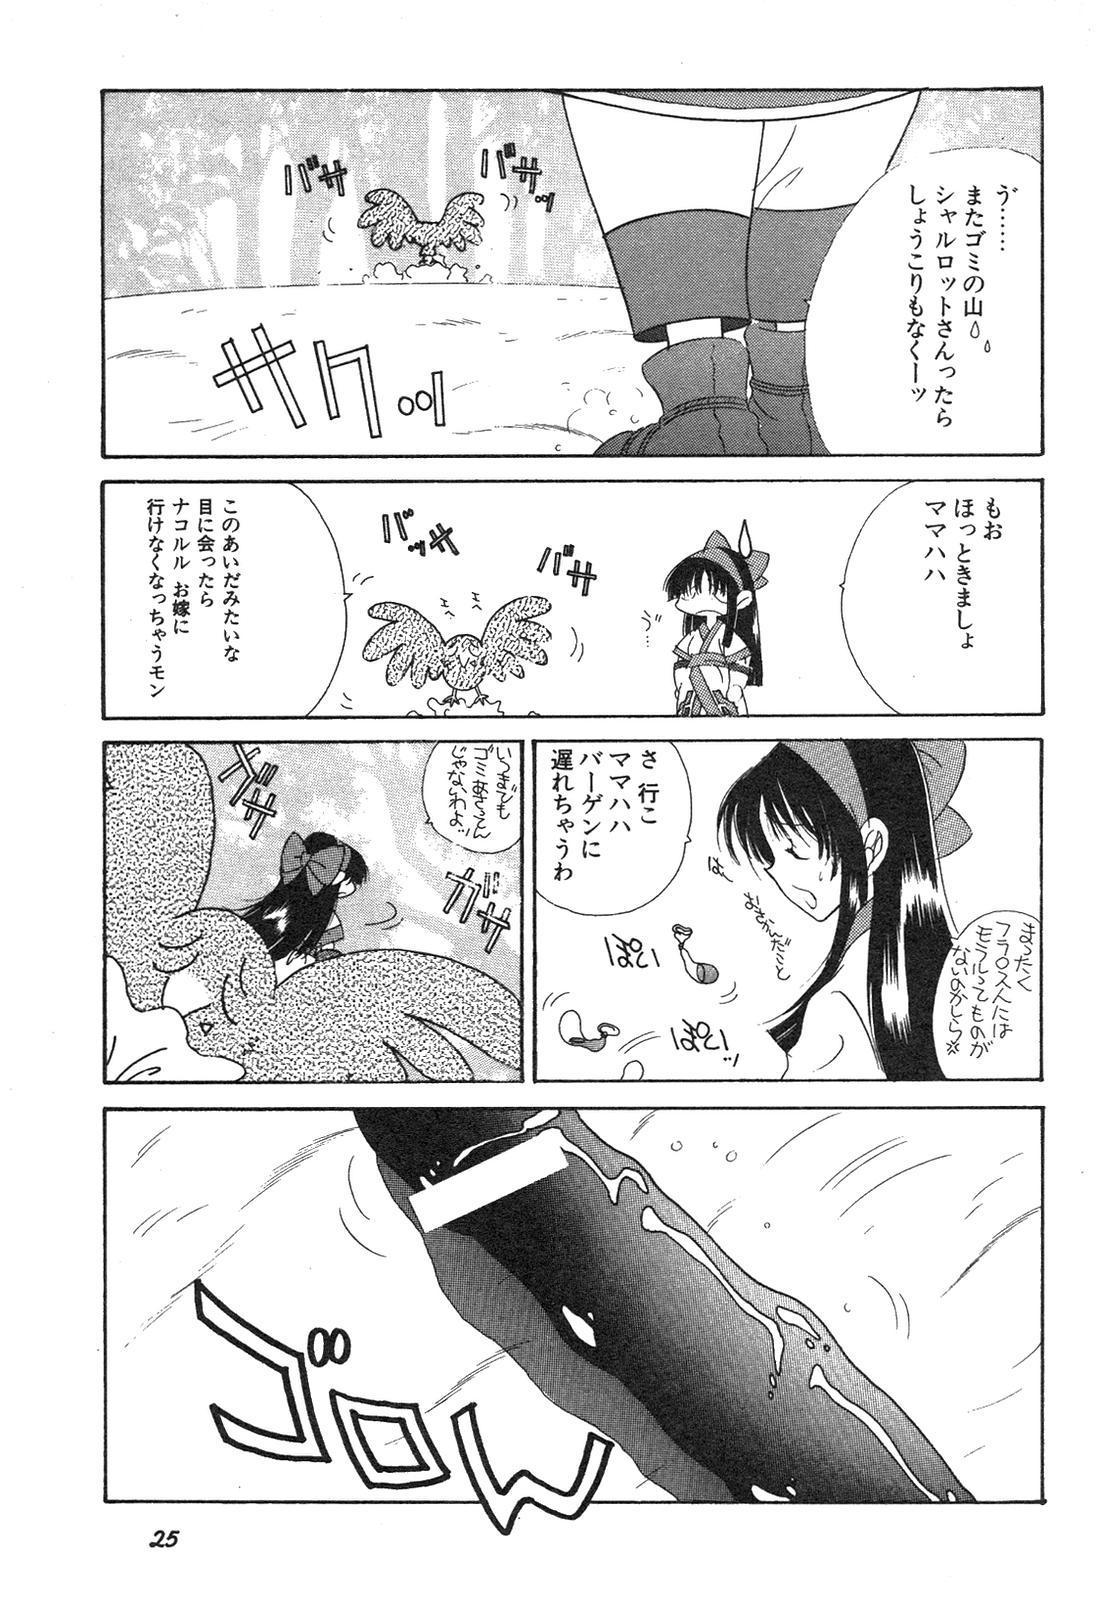 Shin Bishoujo Shoukougun 3 Yamato hen 25